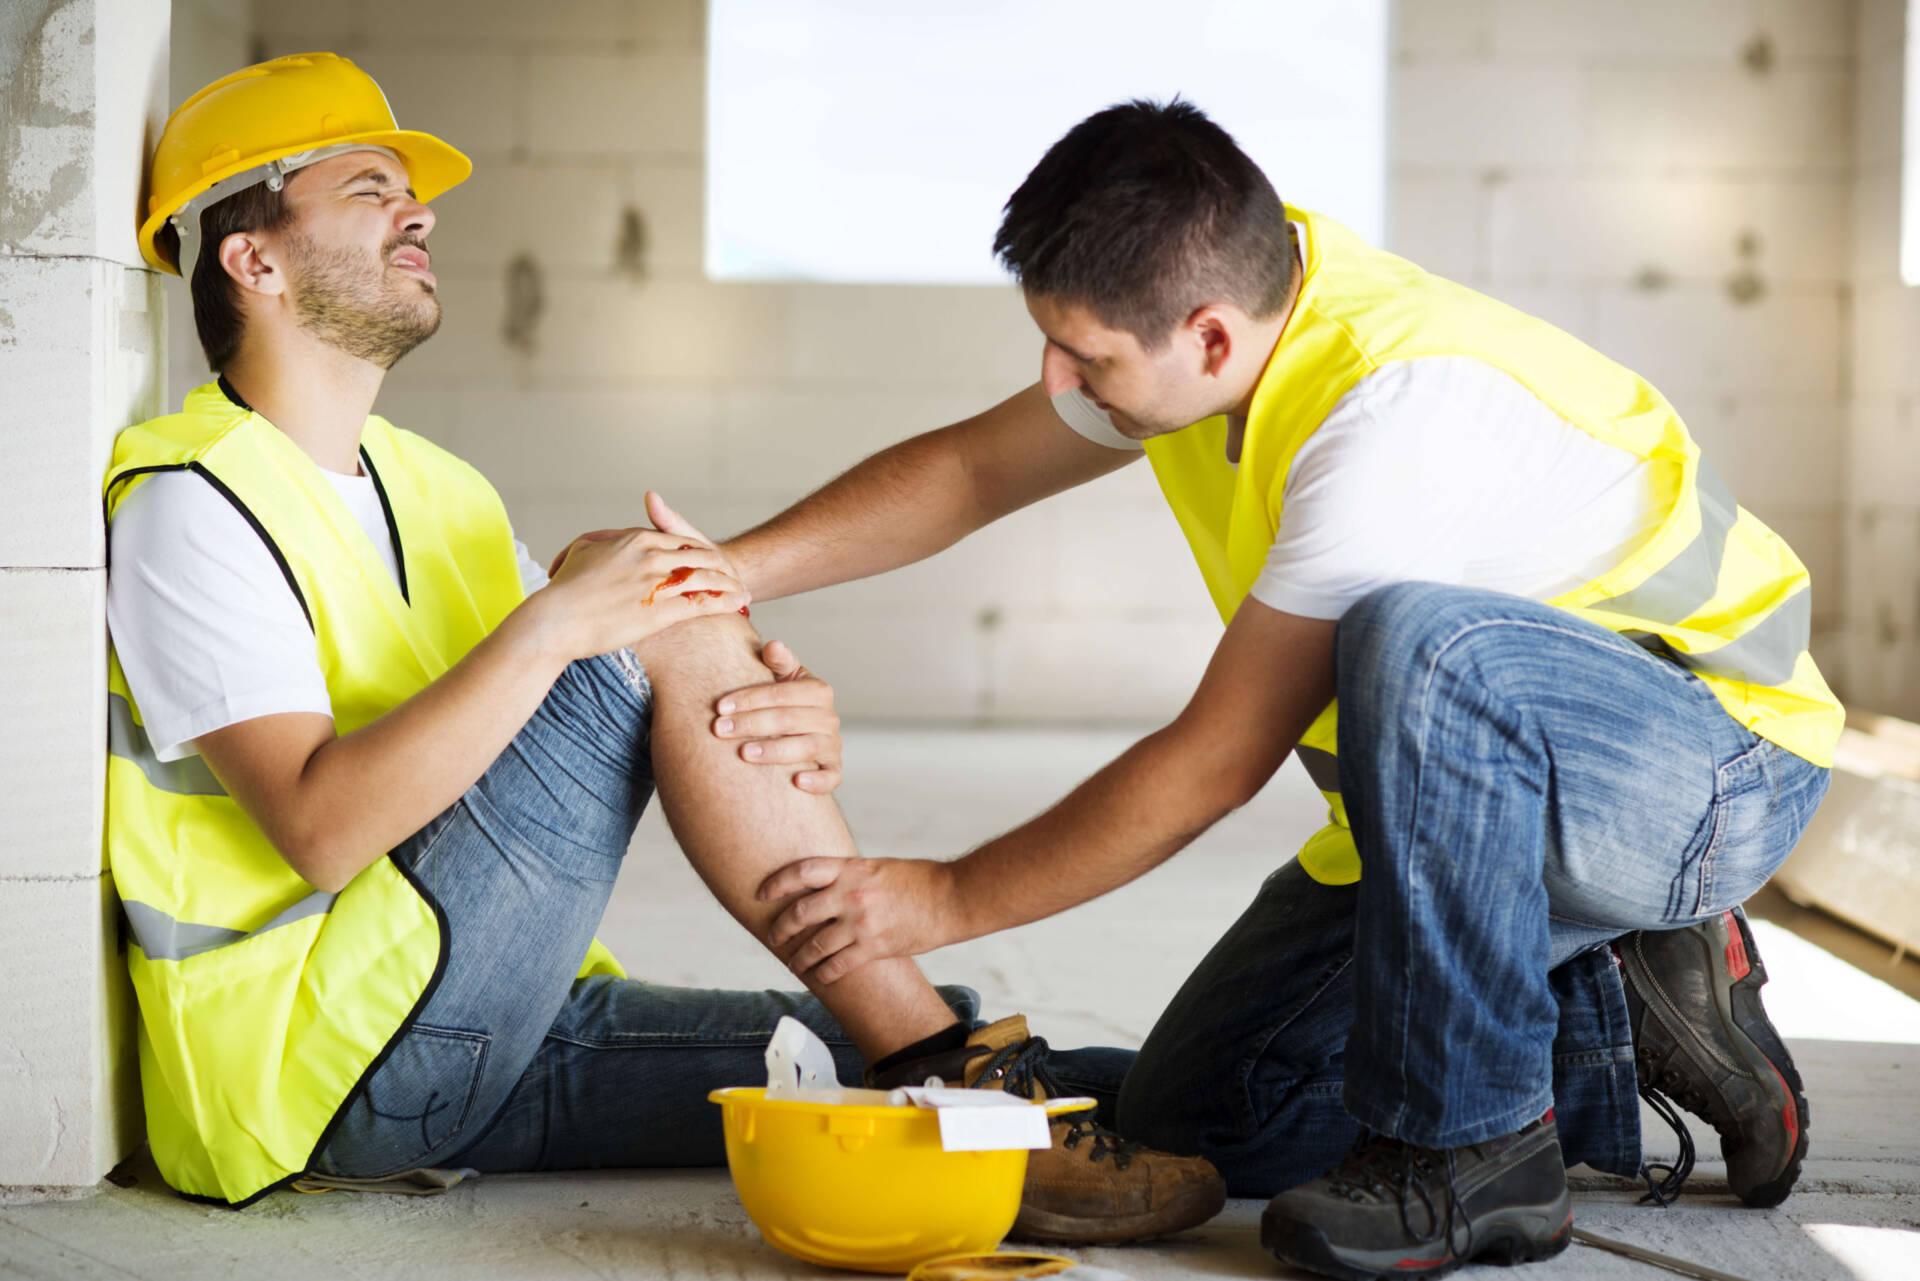 job injury, sue, eric schmidt, ifyoubeenhit, work, injured, employer